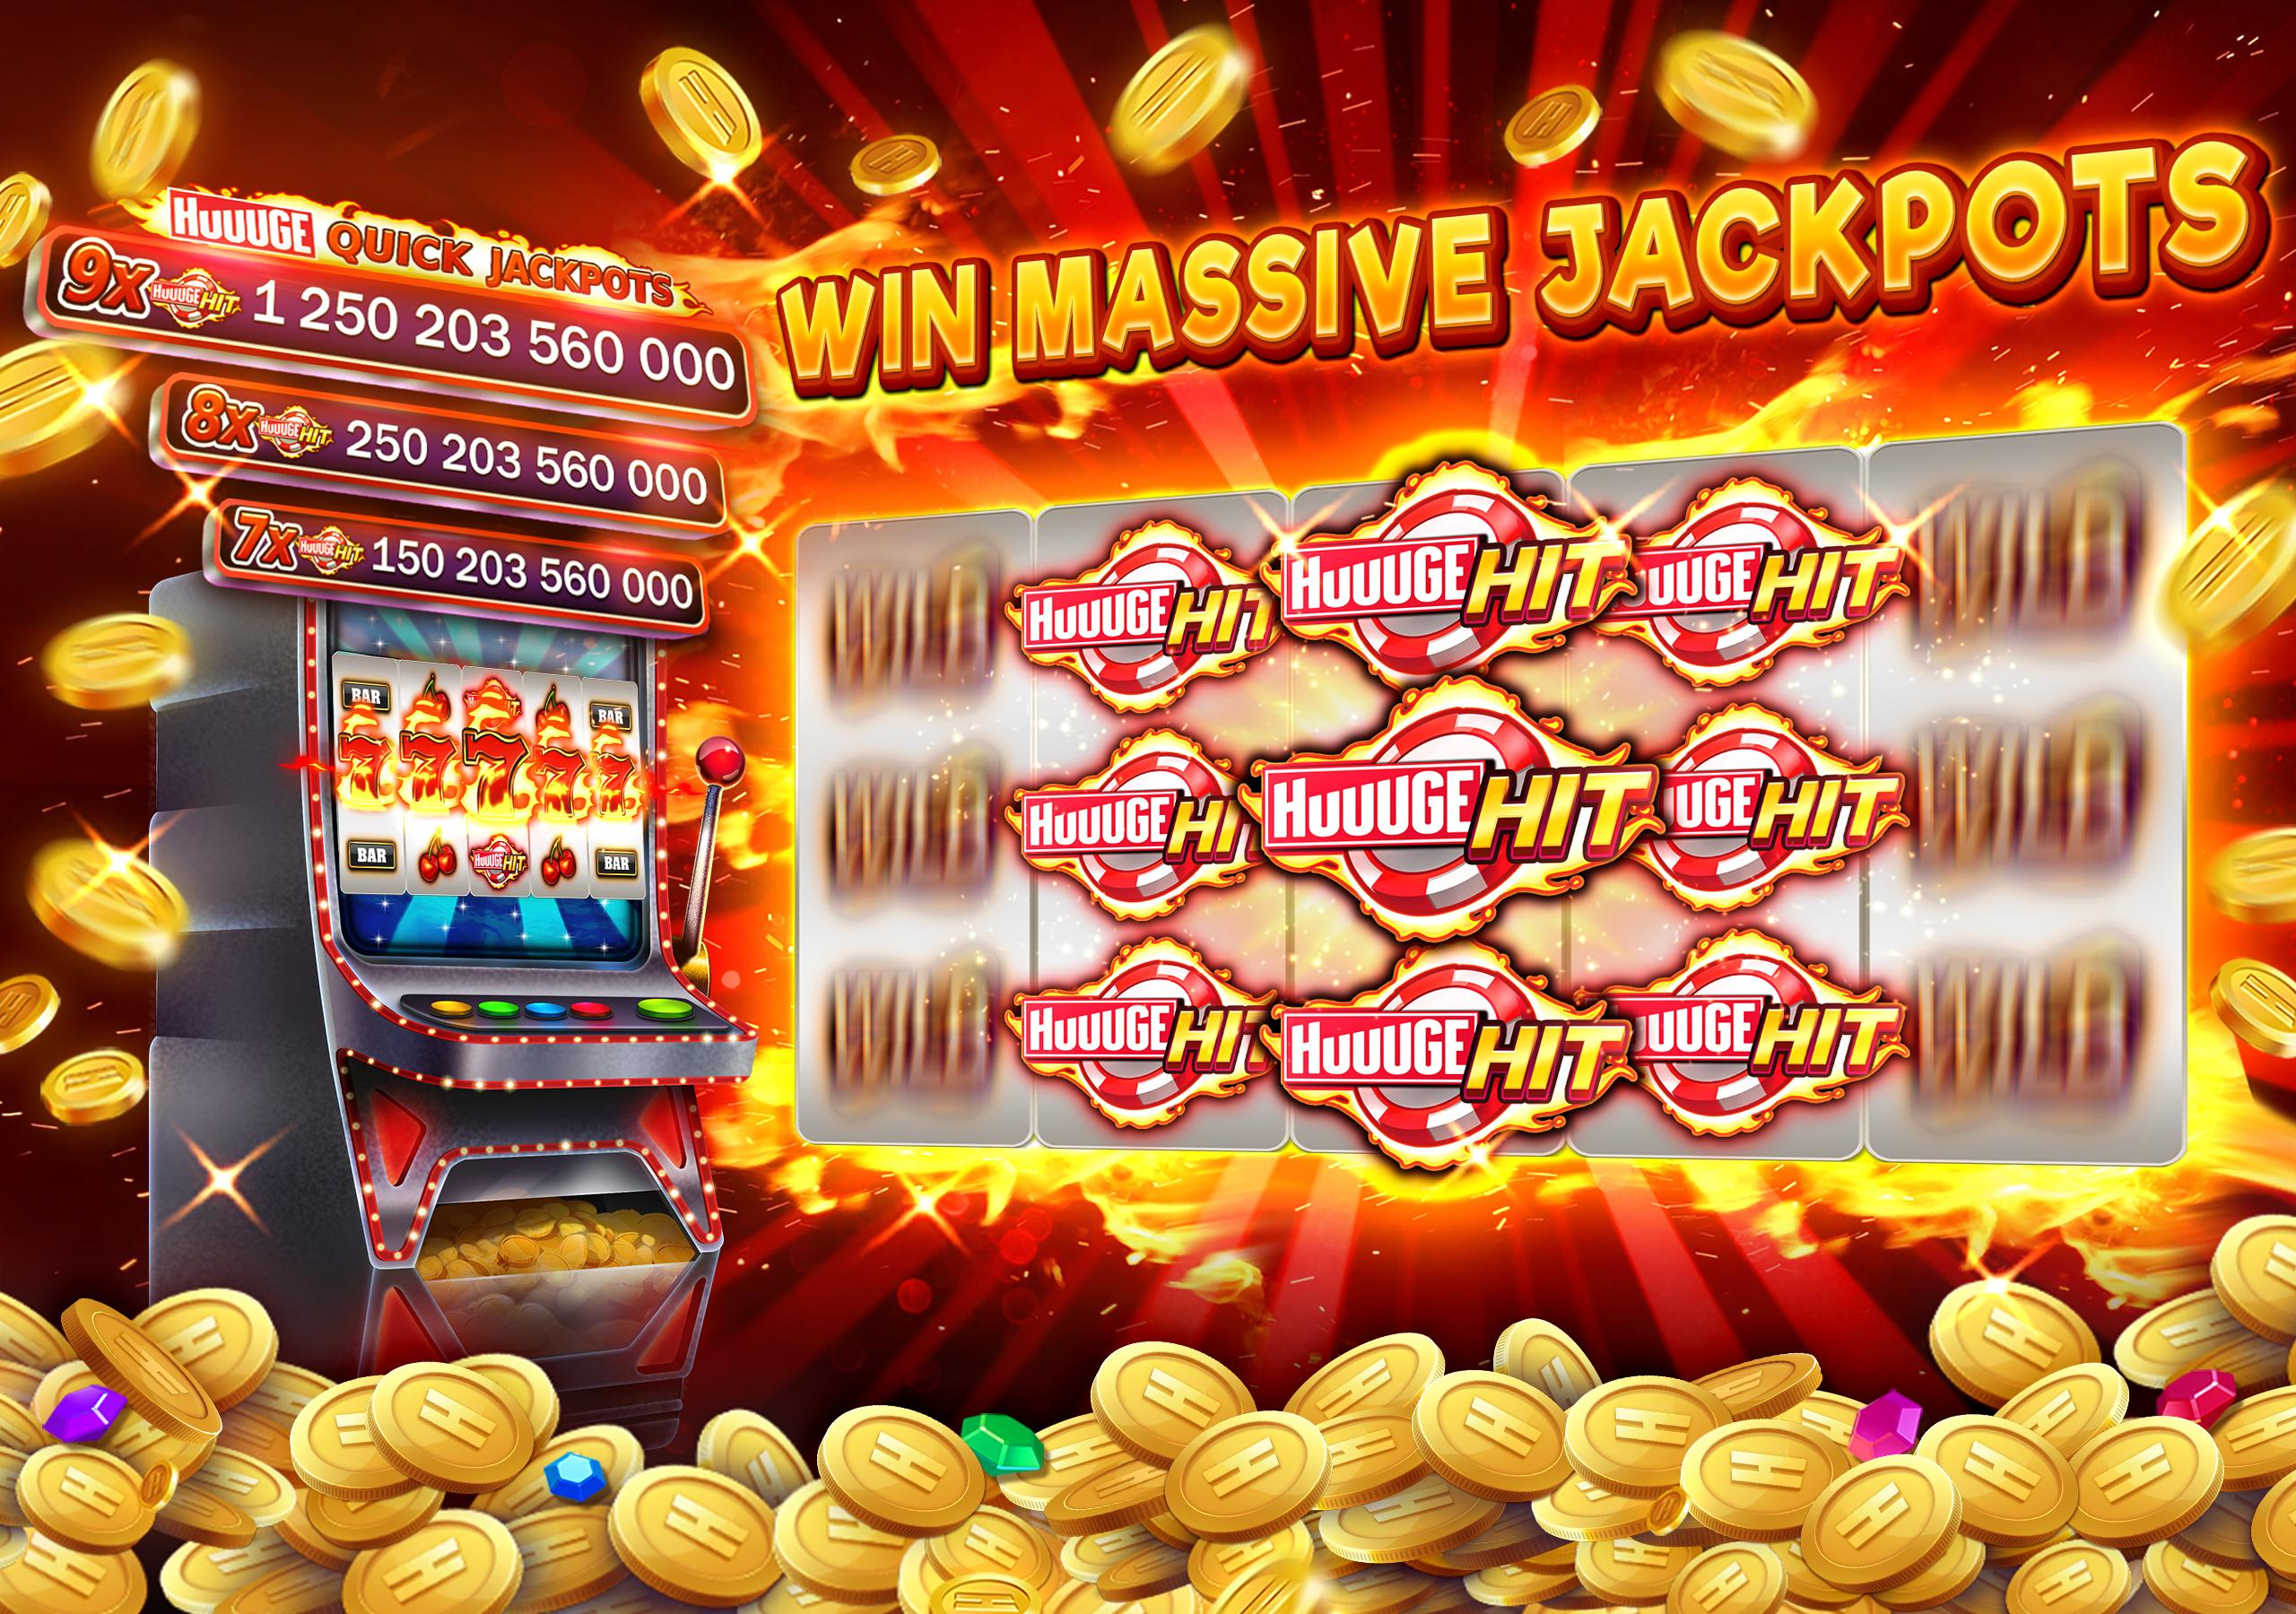 Huuuge Casino Slots - Best Slot Machines 6.1.2700 Screenshot 9